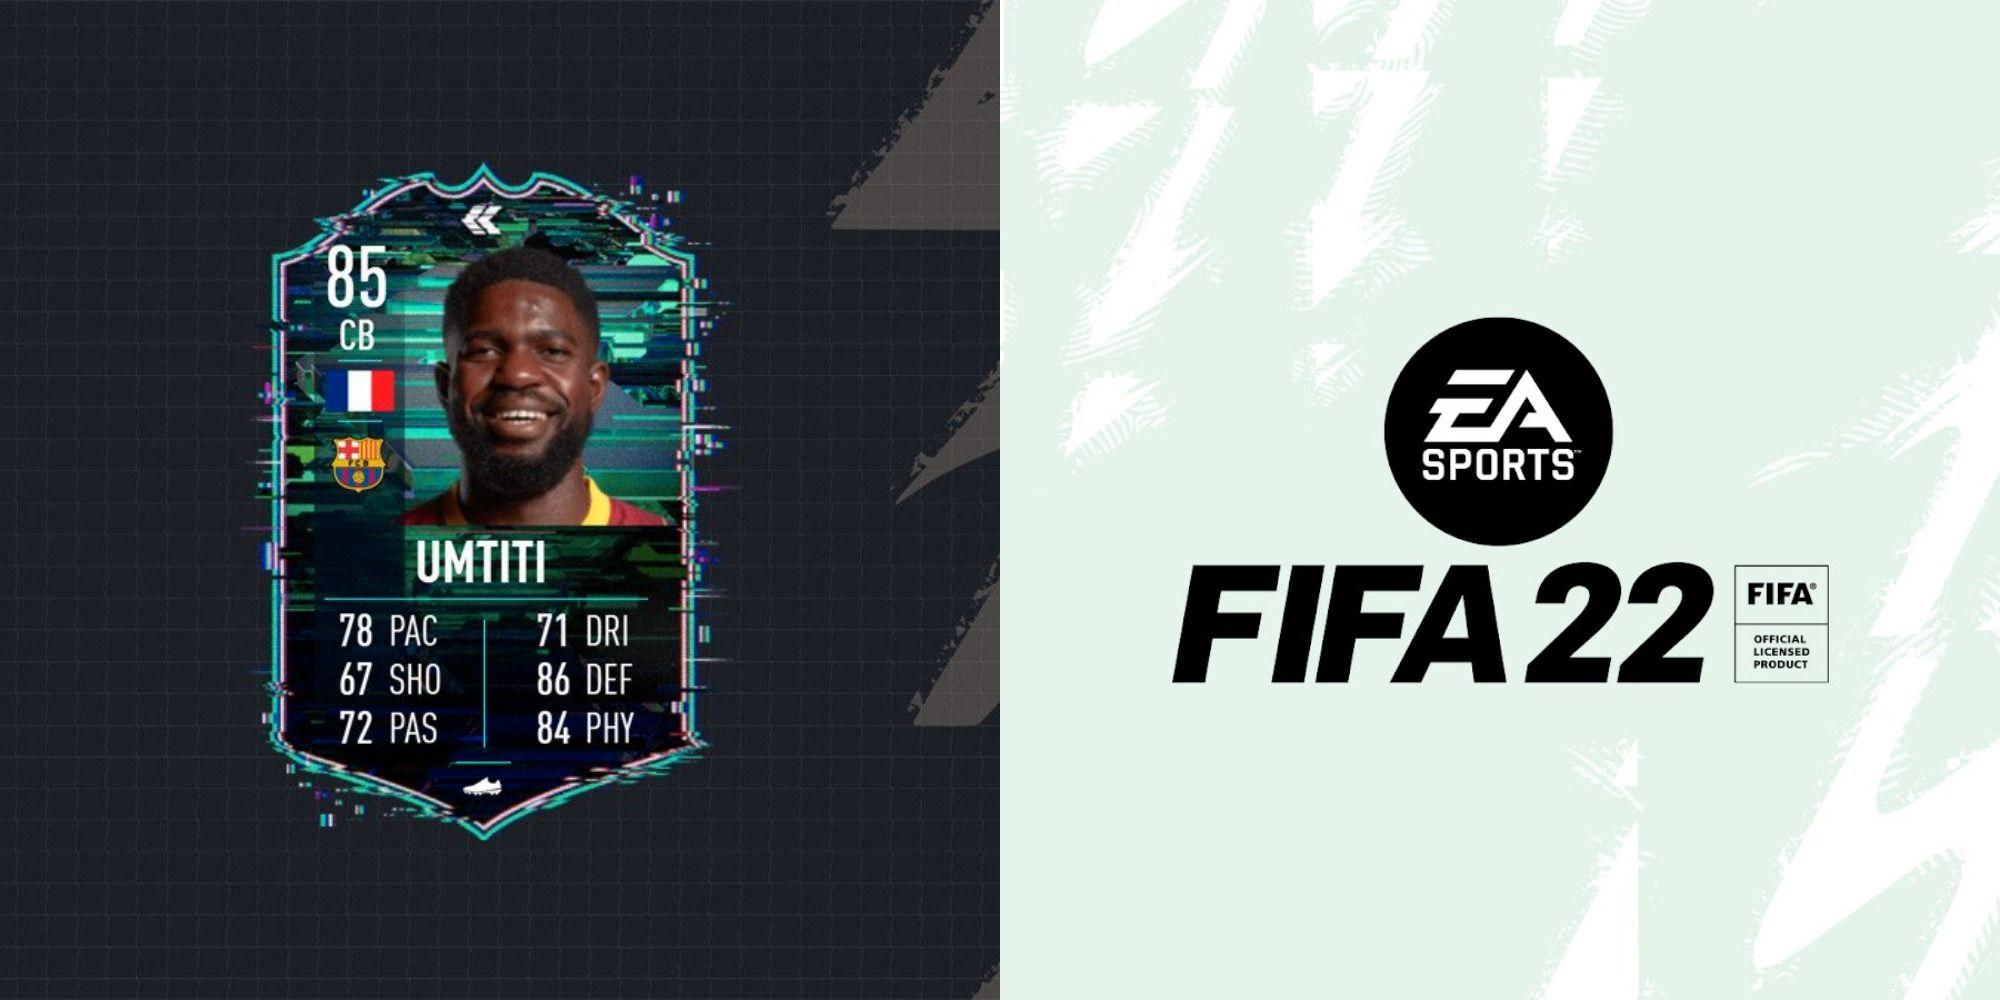 ¿Deberías completar el SBC Flashback de Samuel Umtiti en FIFA 22?